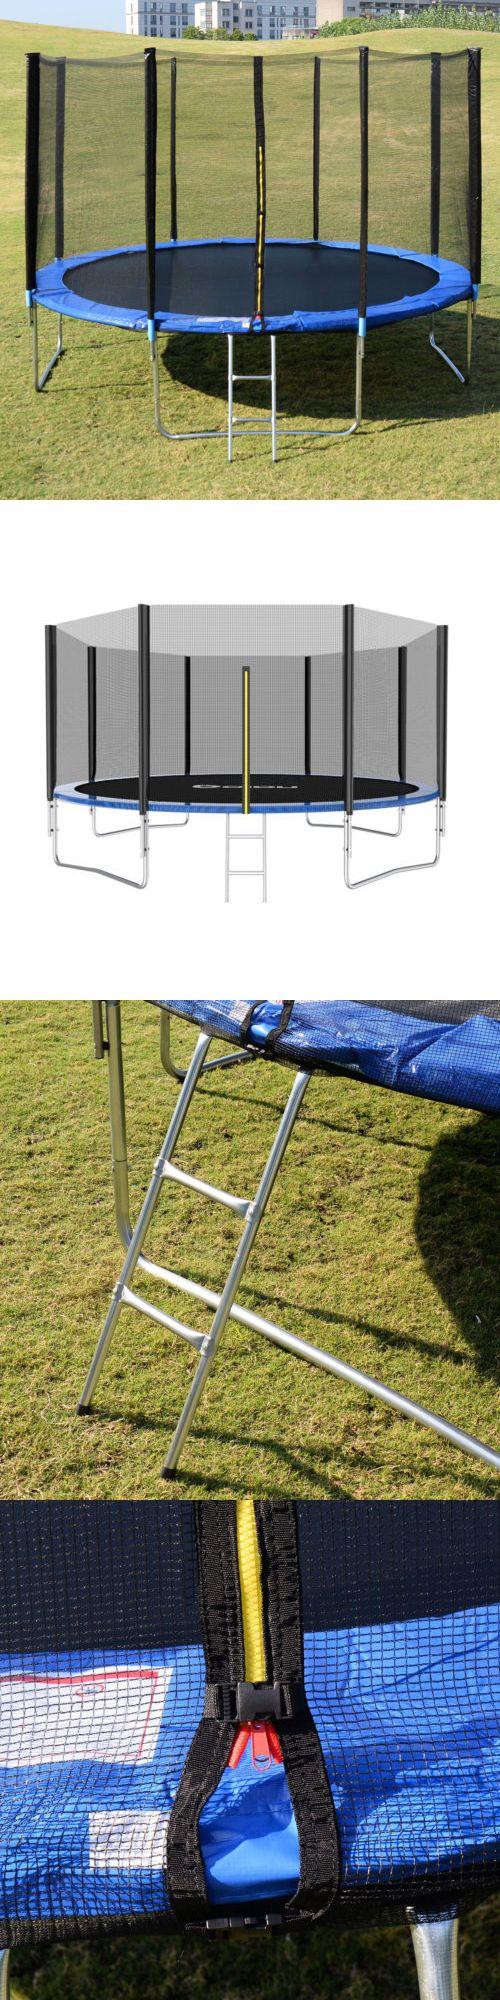 best 25 14ft trampoline ideas on pinterest 13ft trampoline